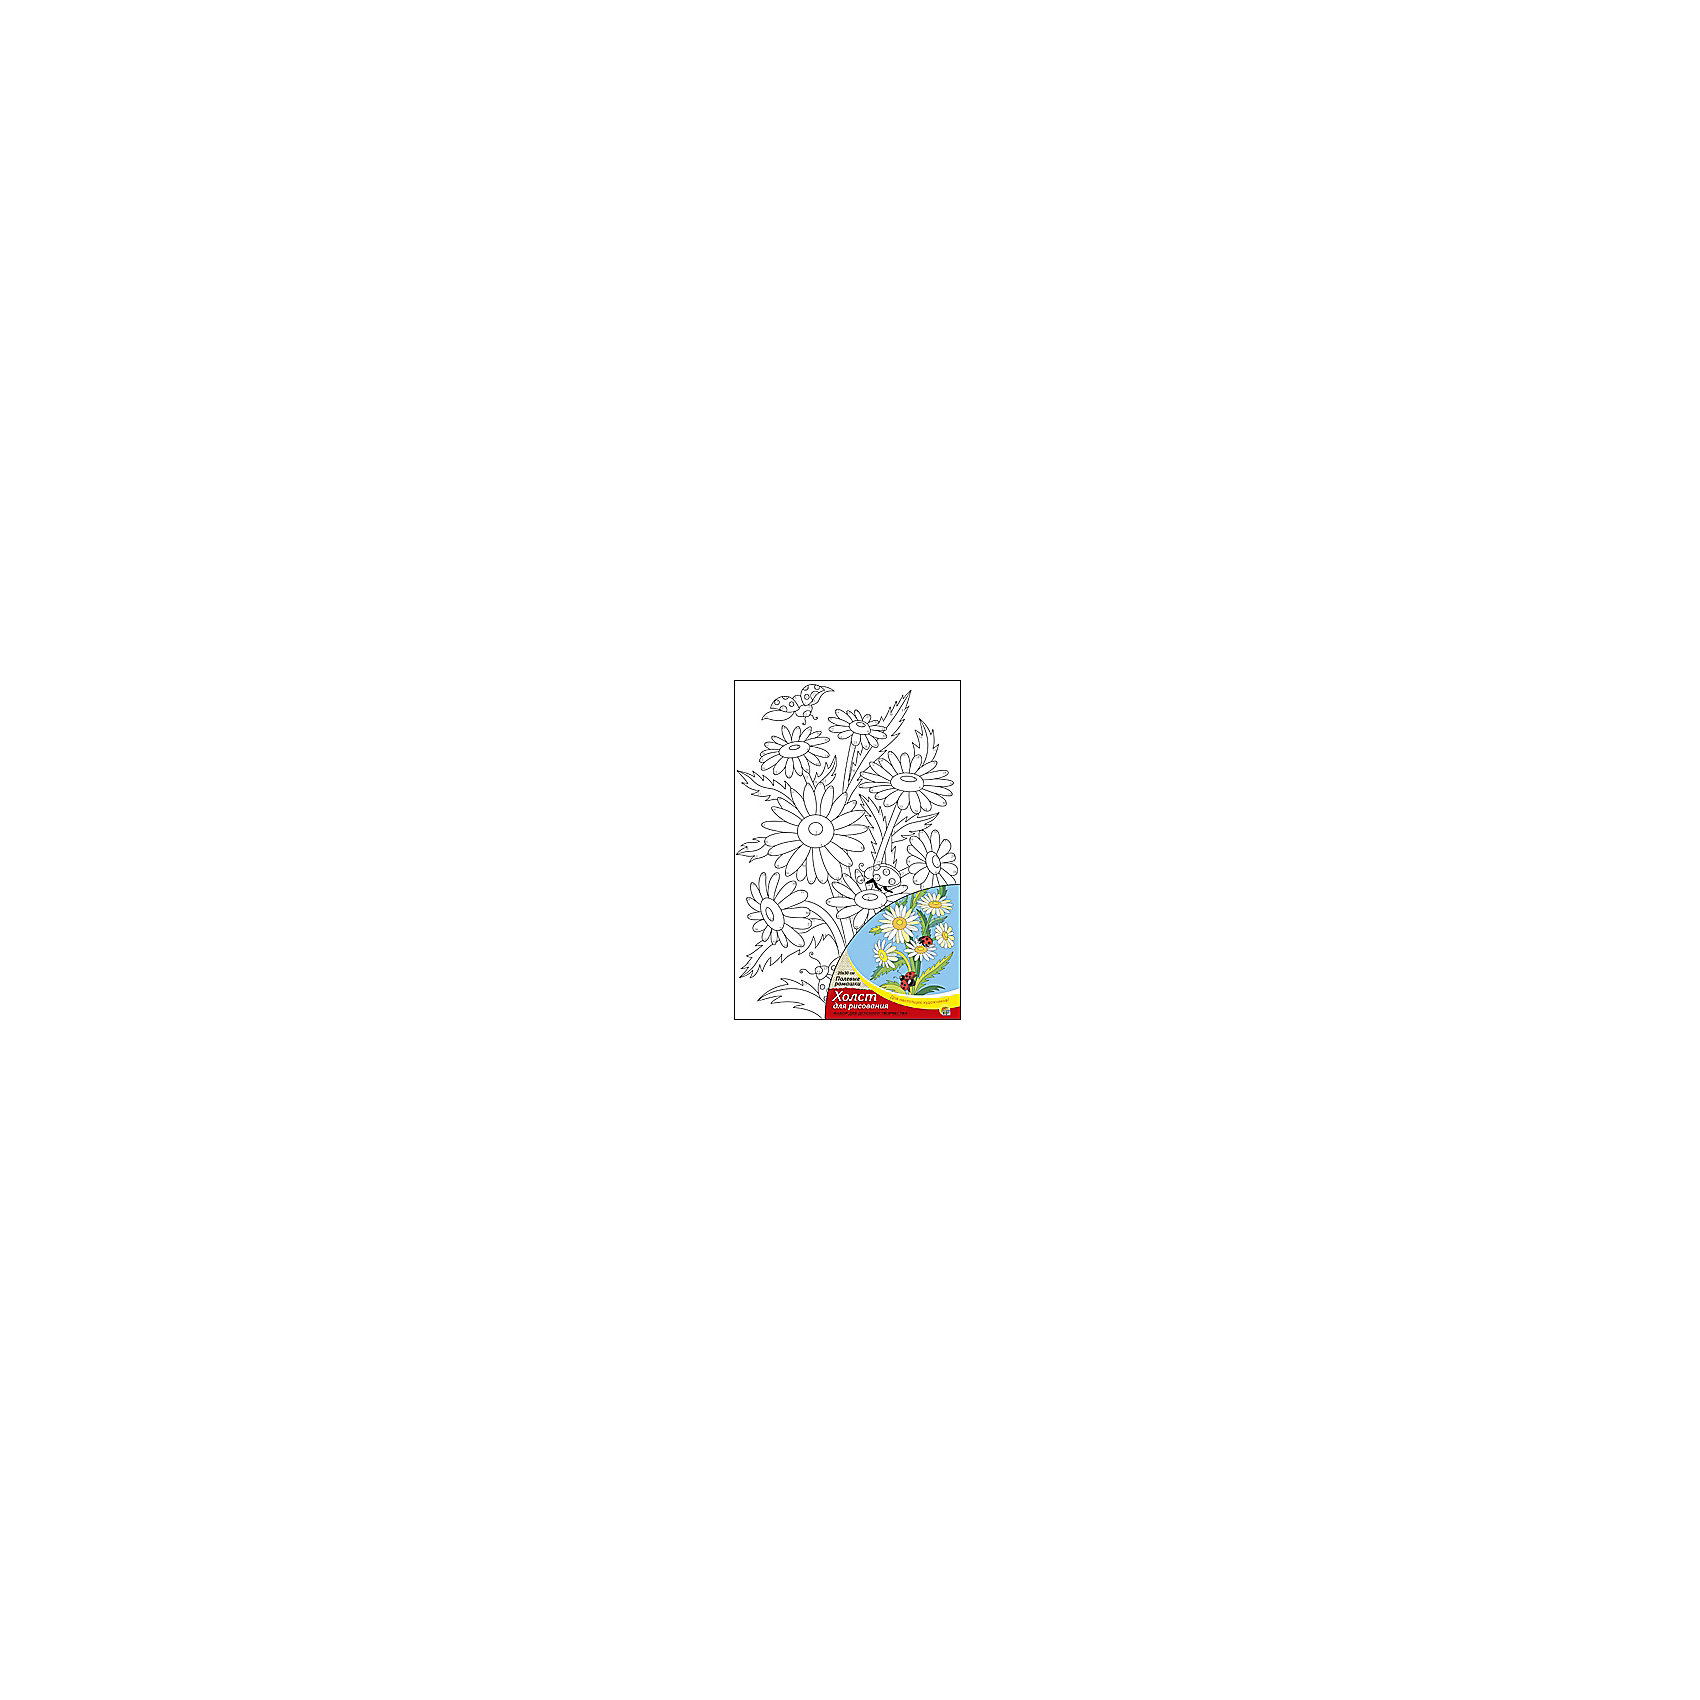 Холст с красками  по номерам Полевые ромашки, 20х30 смС помощью холста с красками Полевые ромашки ребенок сможет создать настоящий шедевр своими руками! Для этого нужно лишь нанести краски по соответствующим номерам на холст. Рисование развивает внимательность, аккуратность и усидчивость. Отличный подарок маленьким художникам!<br><br>Дополнительная информация:<br>В наборе: холст-эскиз, 7 акриловых красок, кисточка<br>Размер: 20х1,5х30 см<br>Вес: 230 грамм<br>Холст с красками Полевые ромашки вы можете приобрести в нашем интернет-магазине.<br><br>Ширина мм: 300<br>Глубина мм: 15<br>Высота мм: 200<br>Вес г: 230<br>Возраст от месяцев: 36<br>Возраст до месяцев: 120<br>Пол: Унисекс<br>Возраст: Детский<br>SKU: 4939535